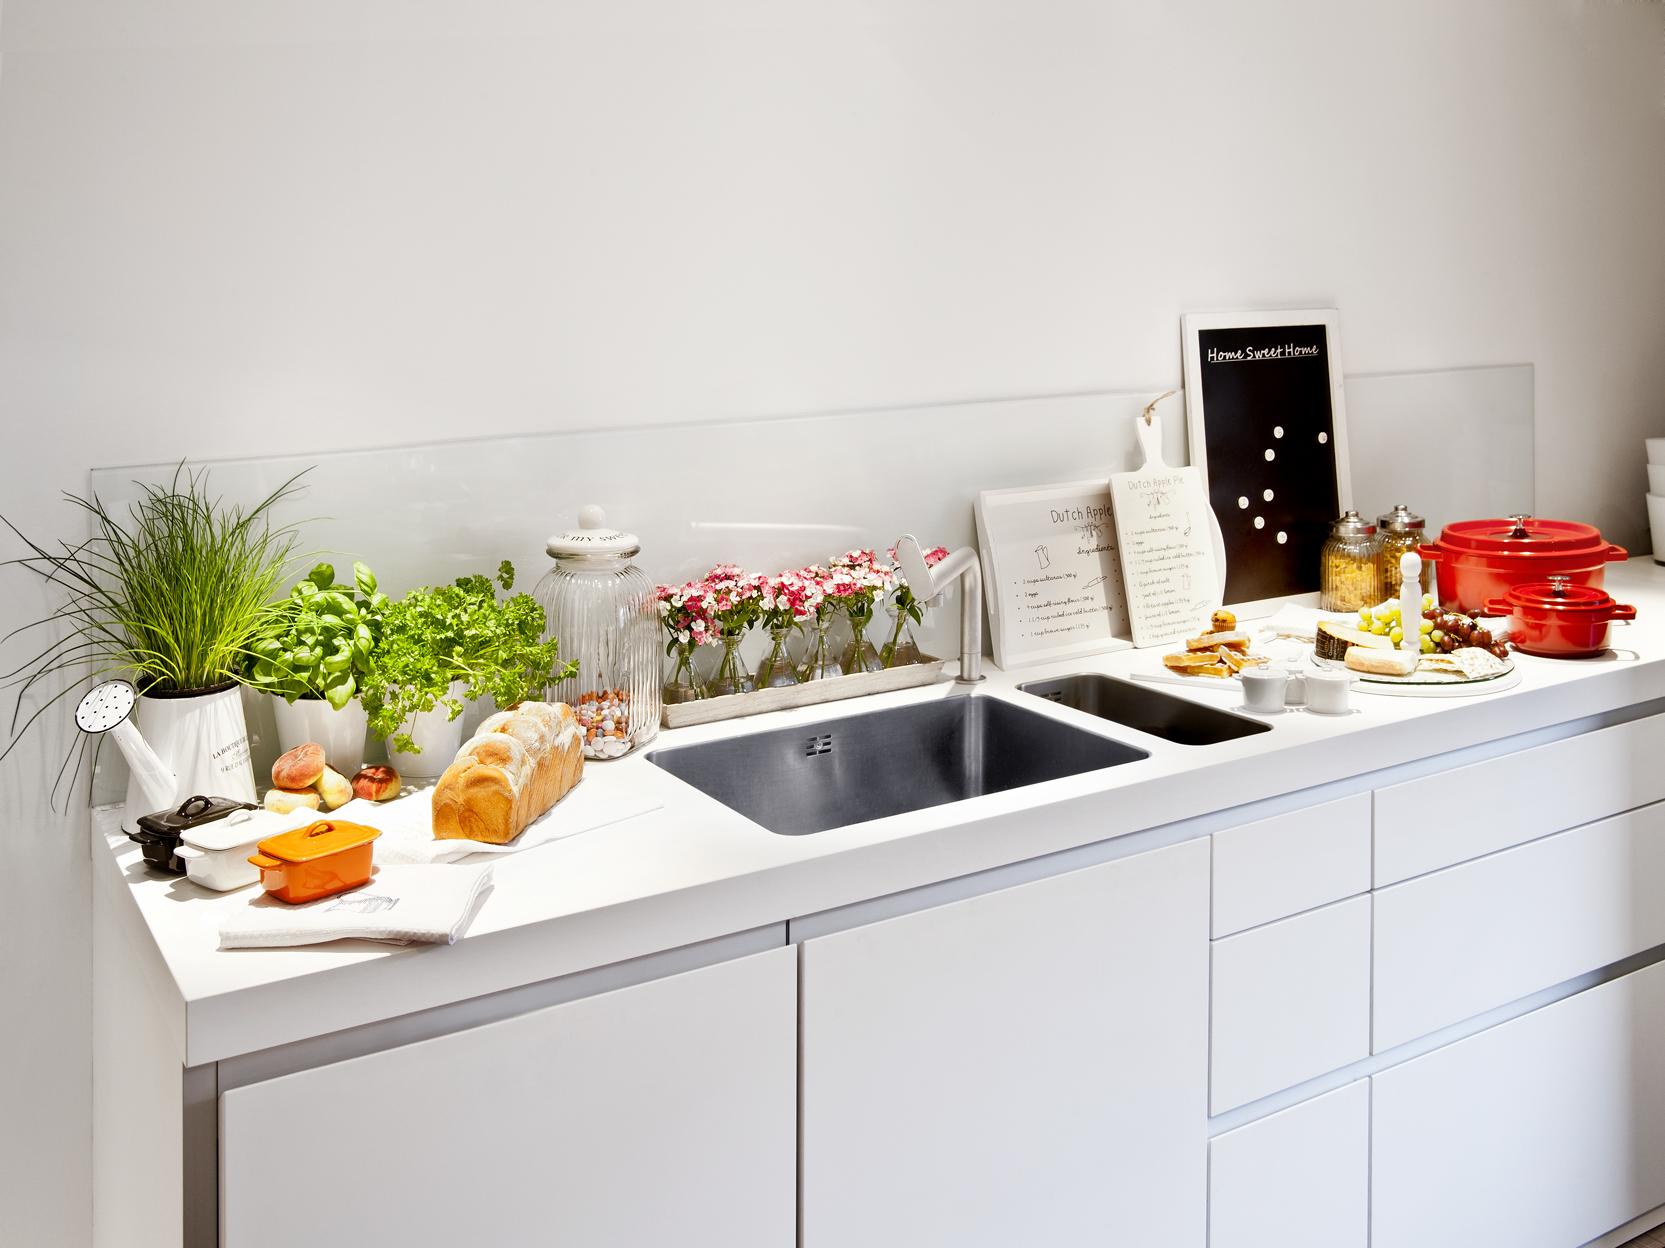 Красивое оформление рабочей зоны кухни